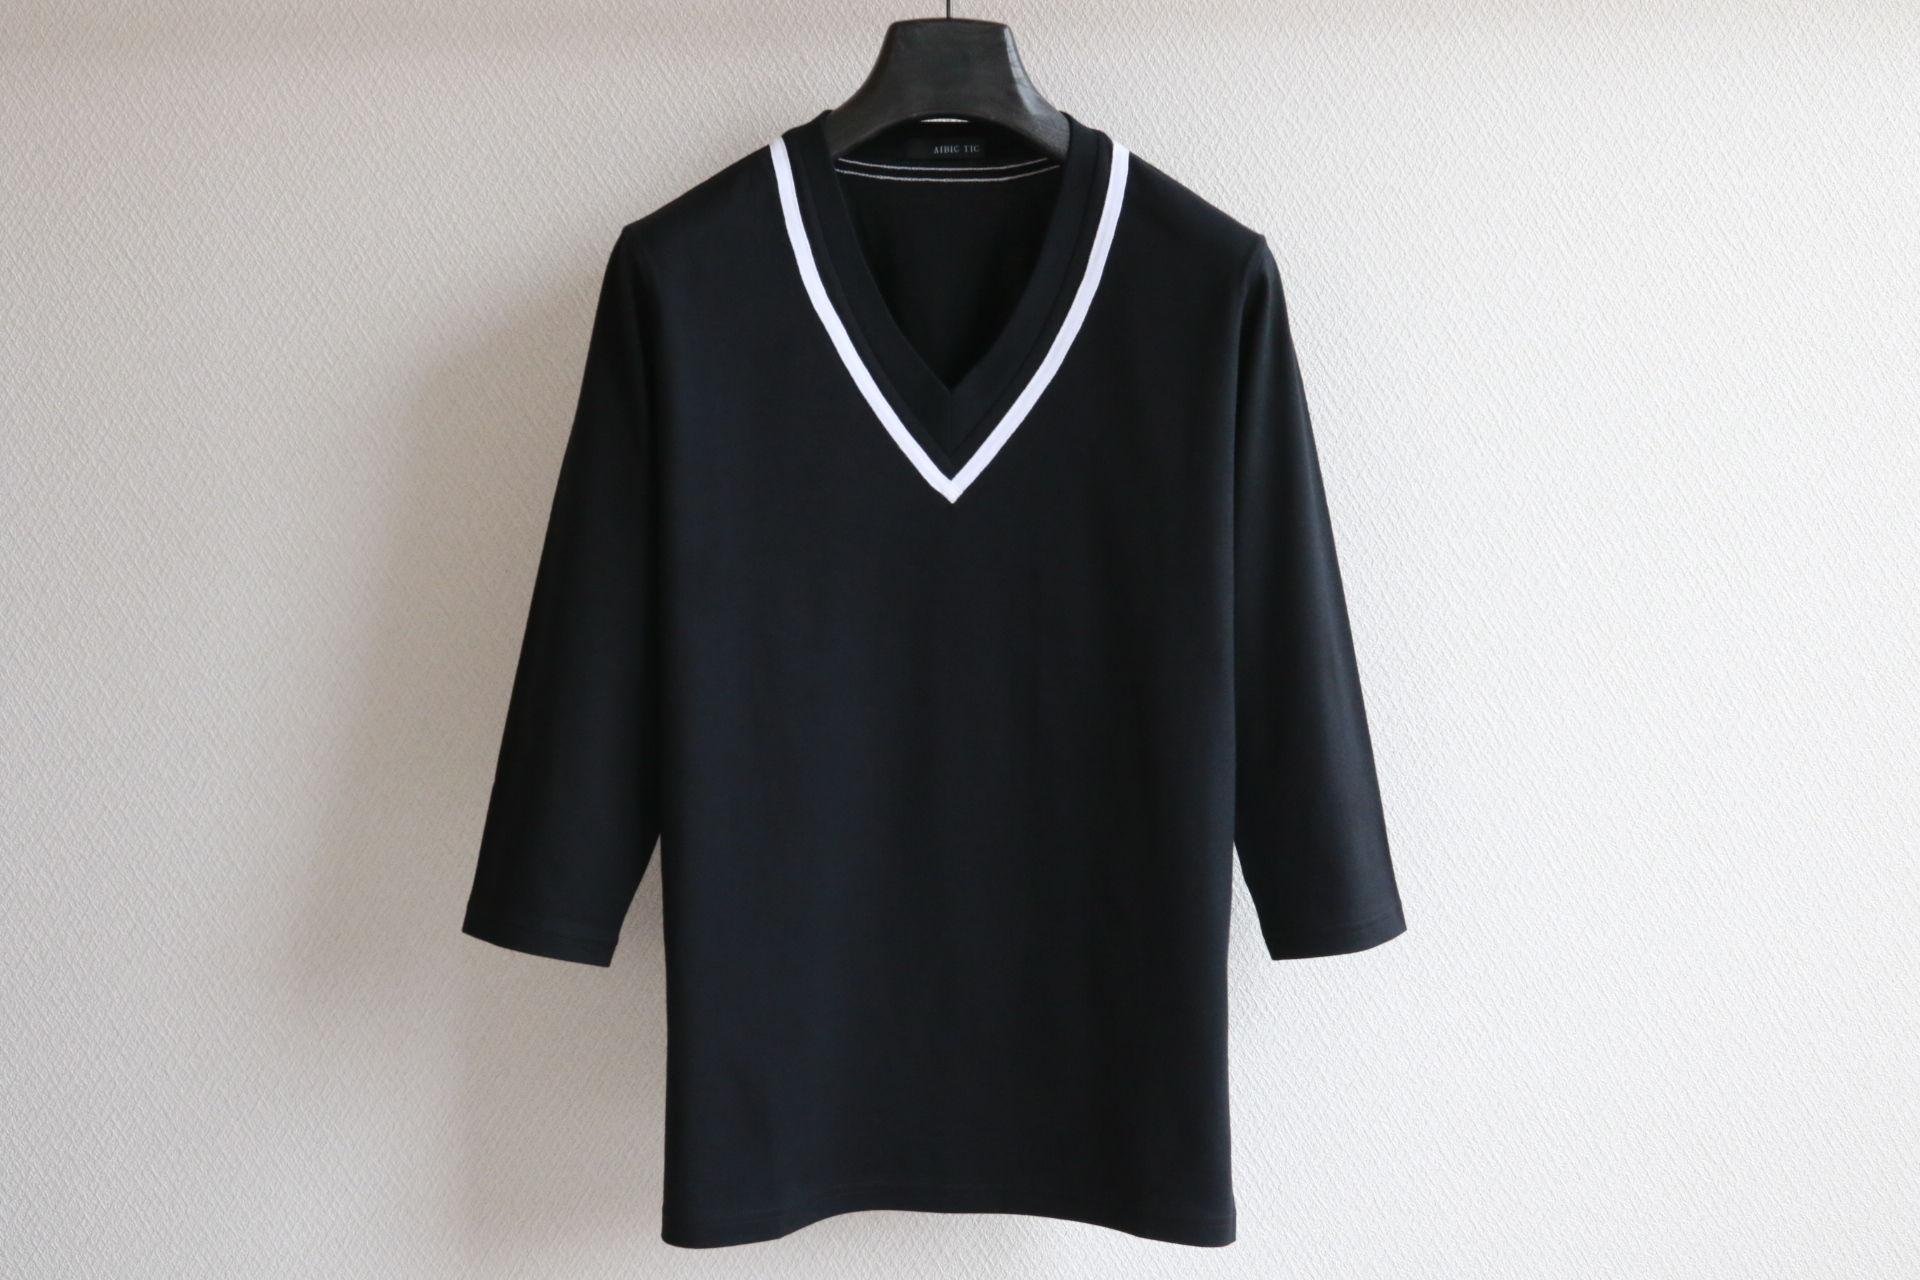 Vネックライン 七分袖カットソー BK